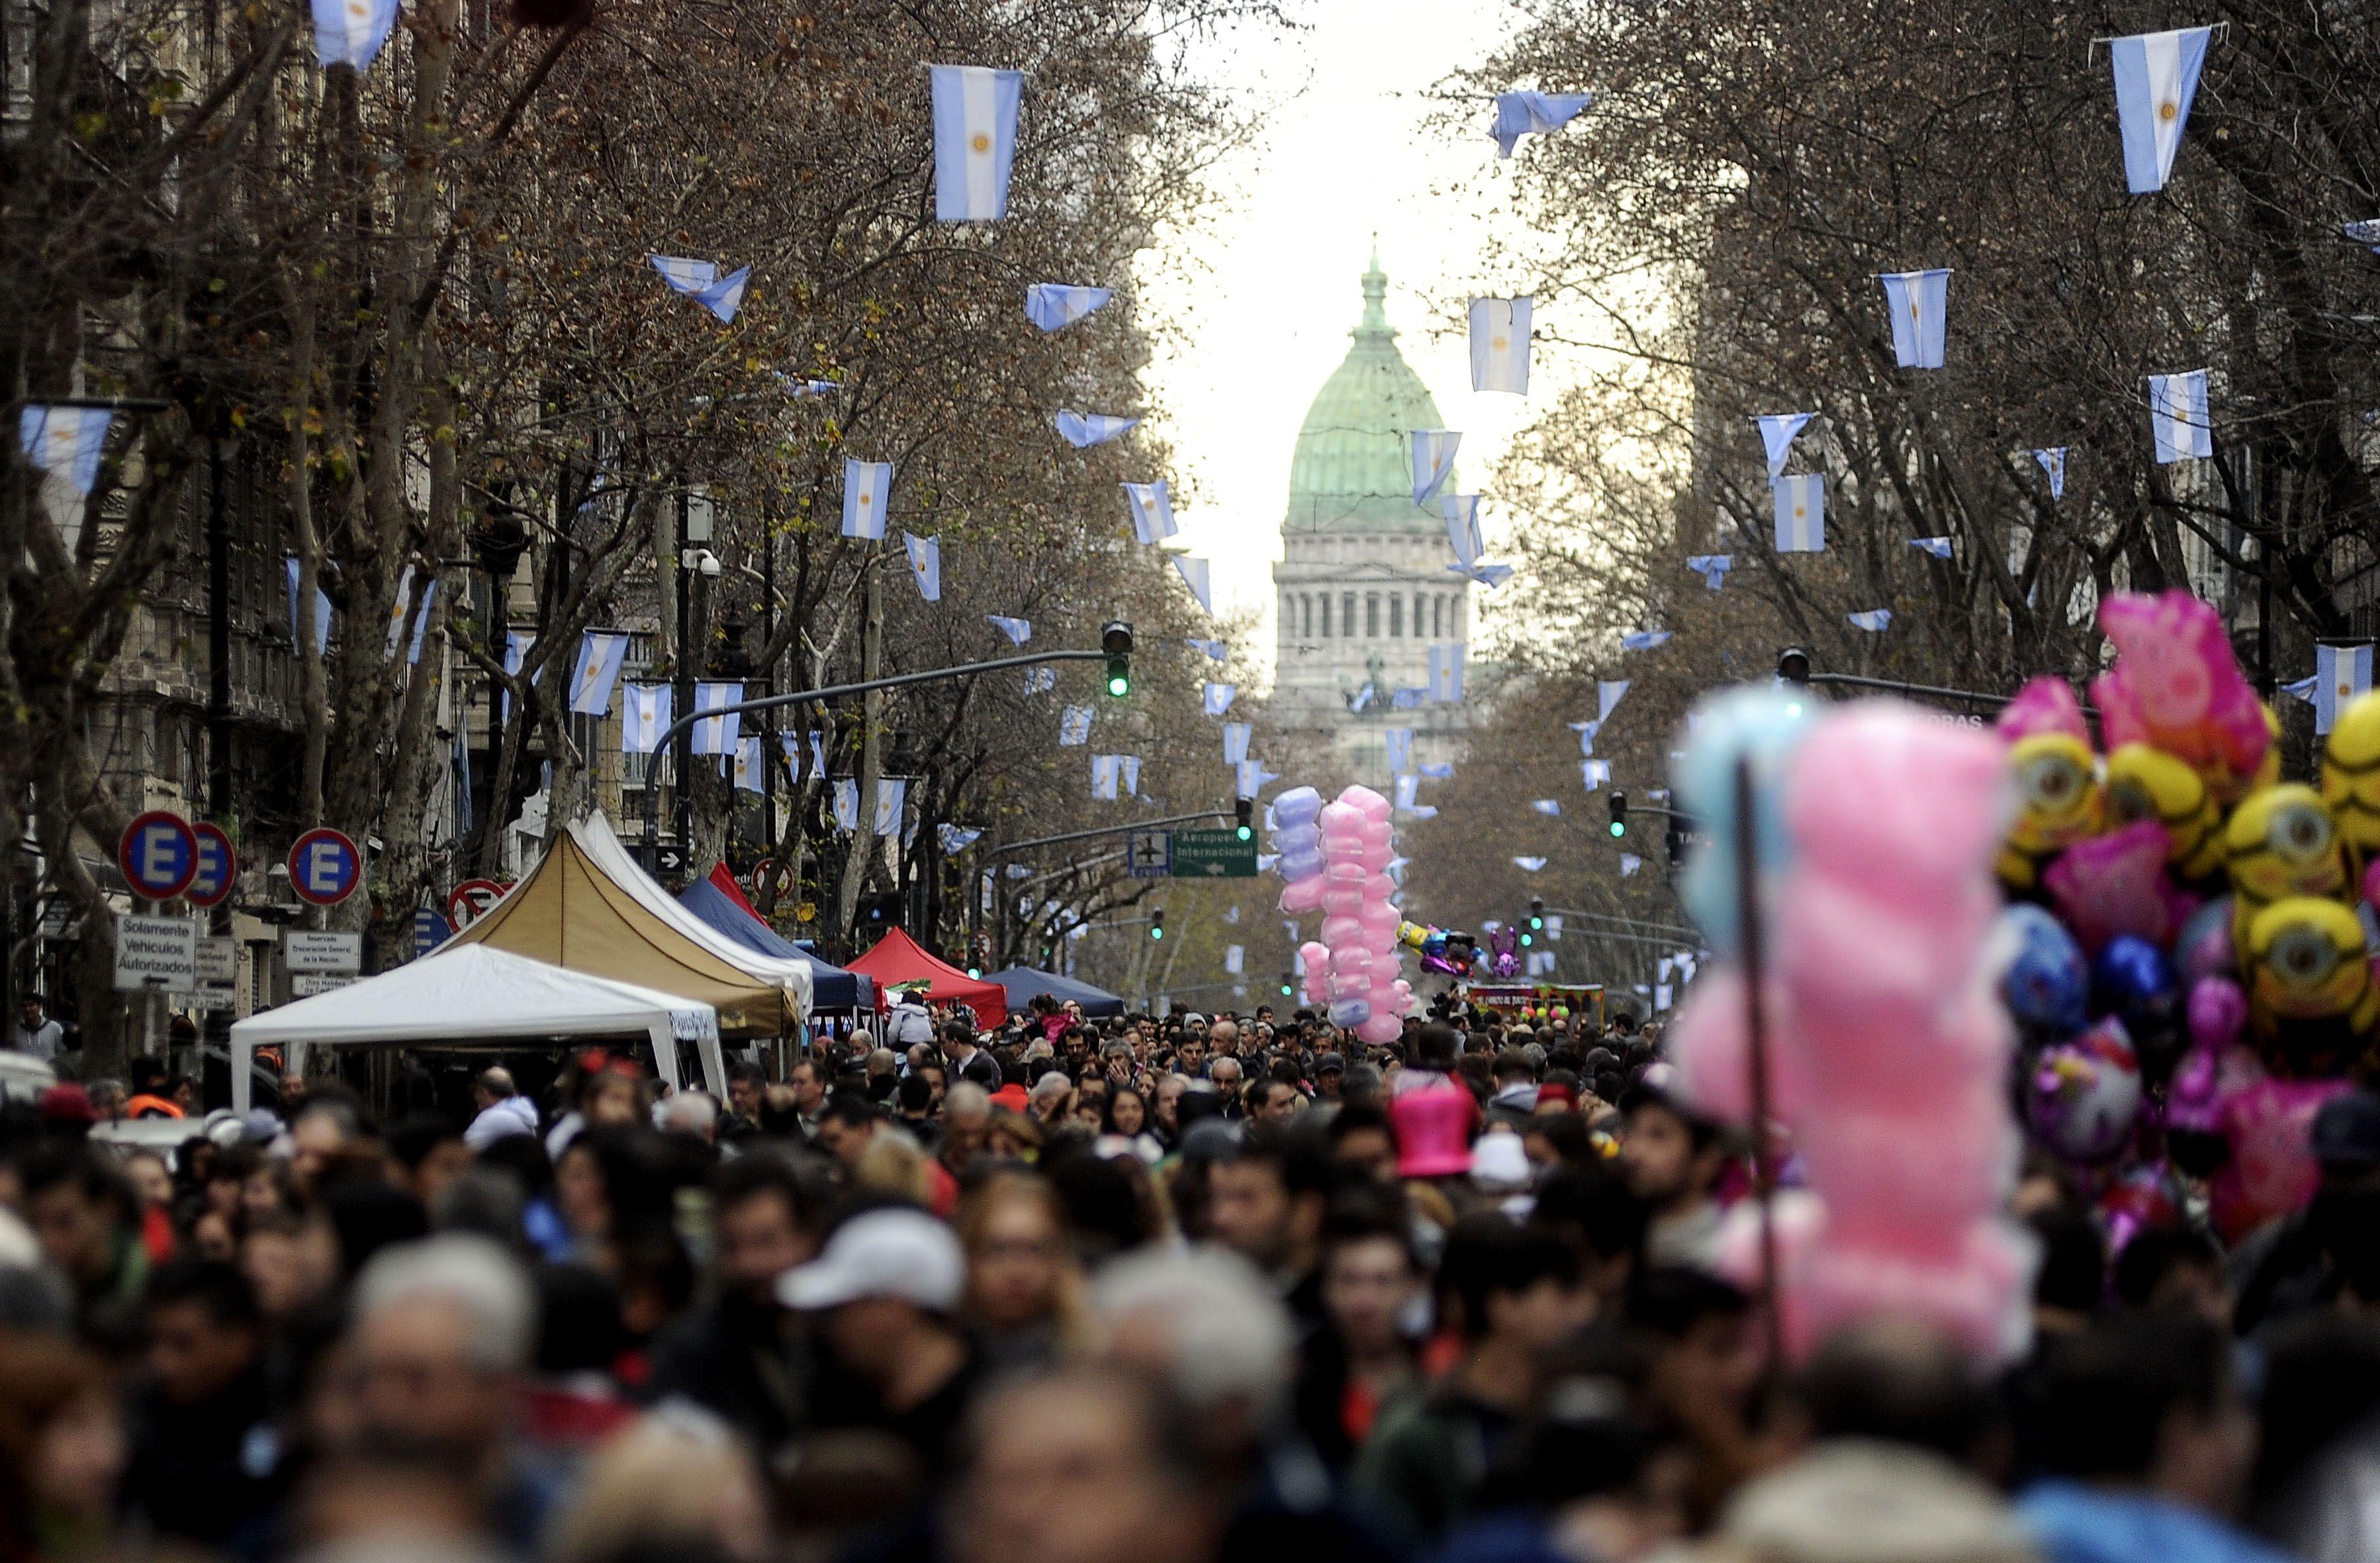 Los festejos por el Bicentenario comenzaron en Plaza de Mayo